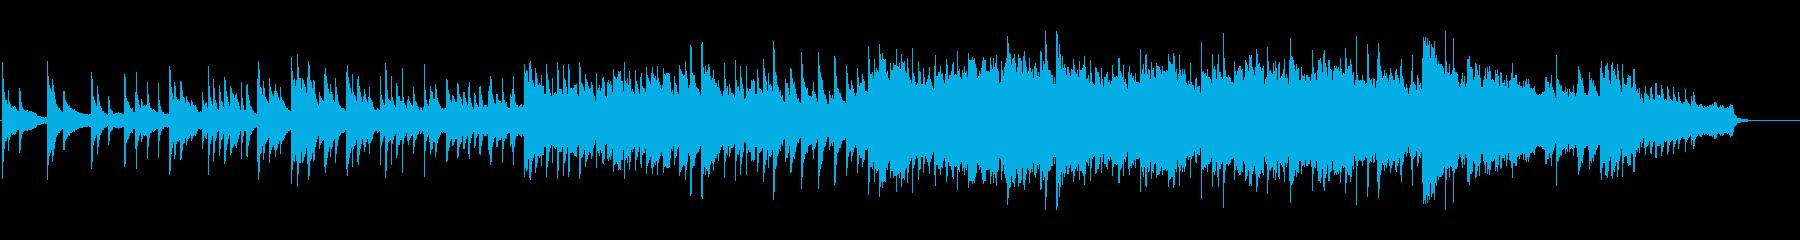 ★ドラマ・CM等★優しいピアノバラードの再生済みの波形